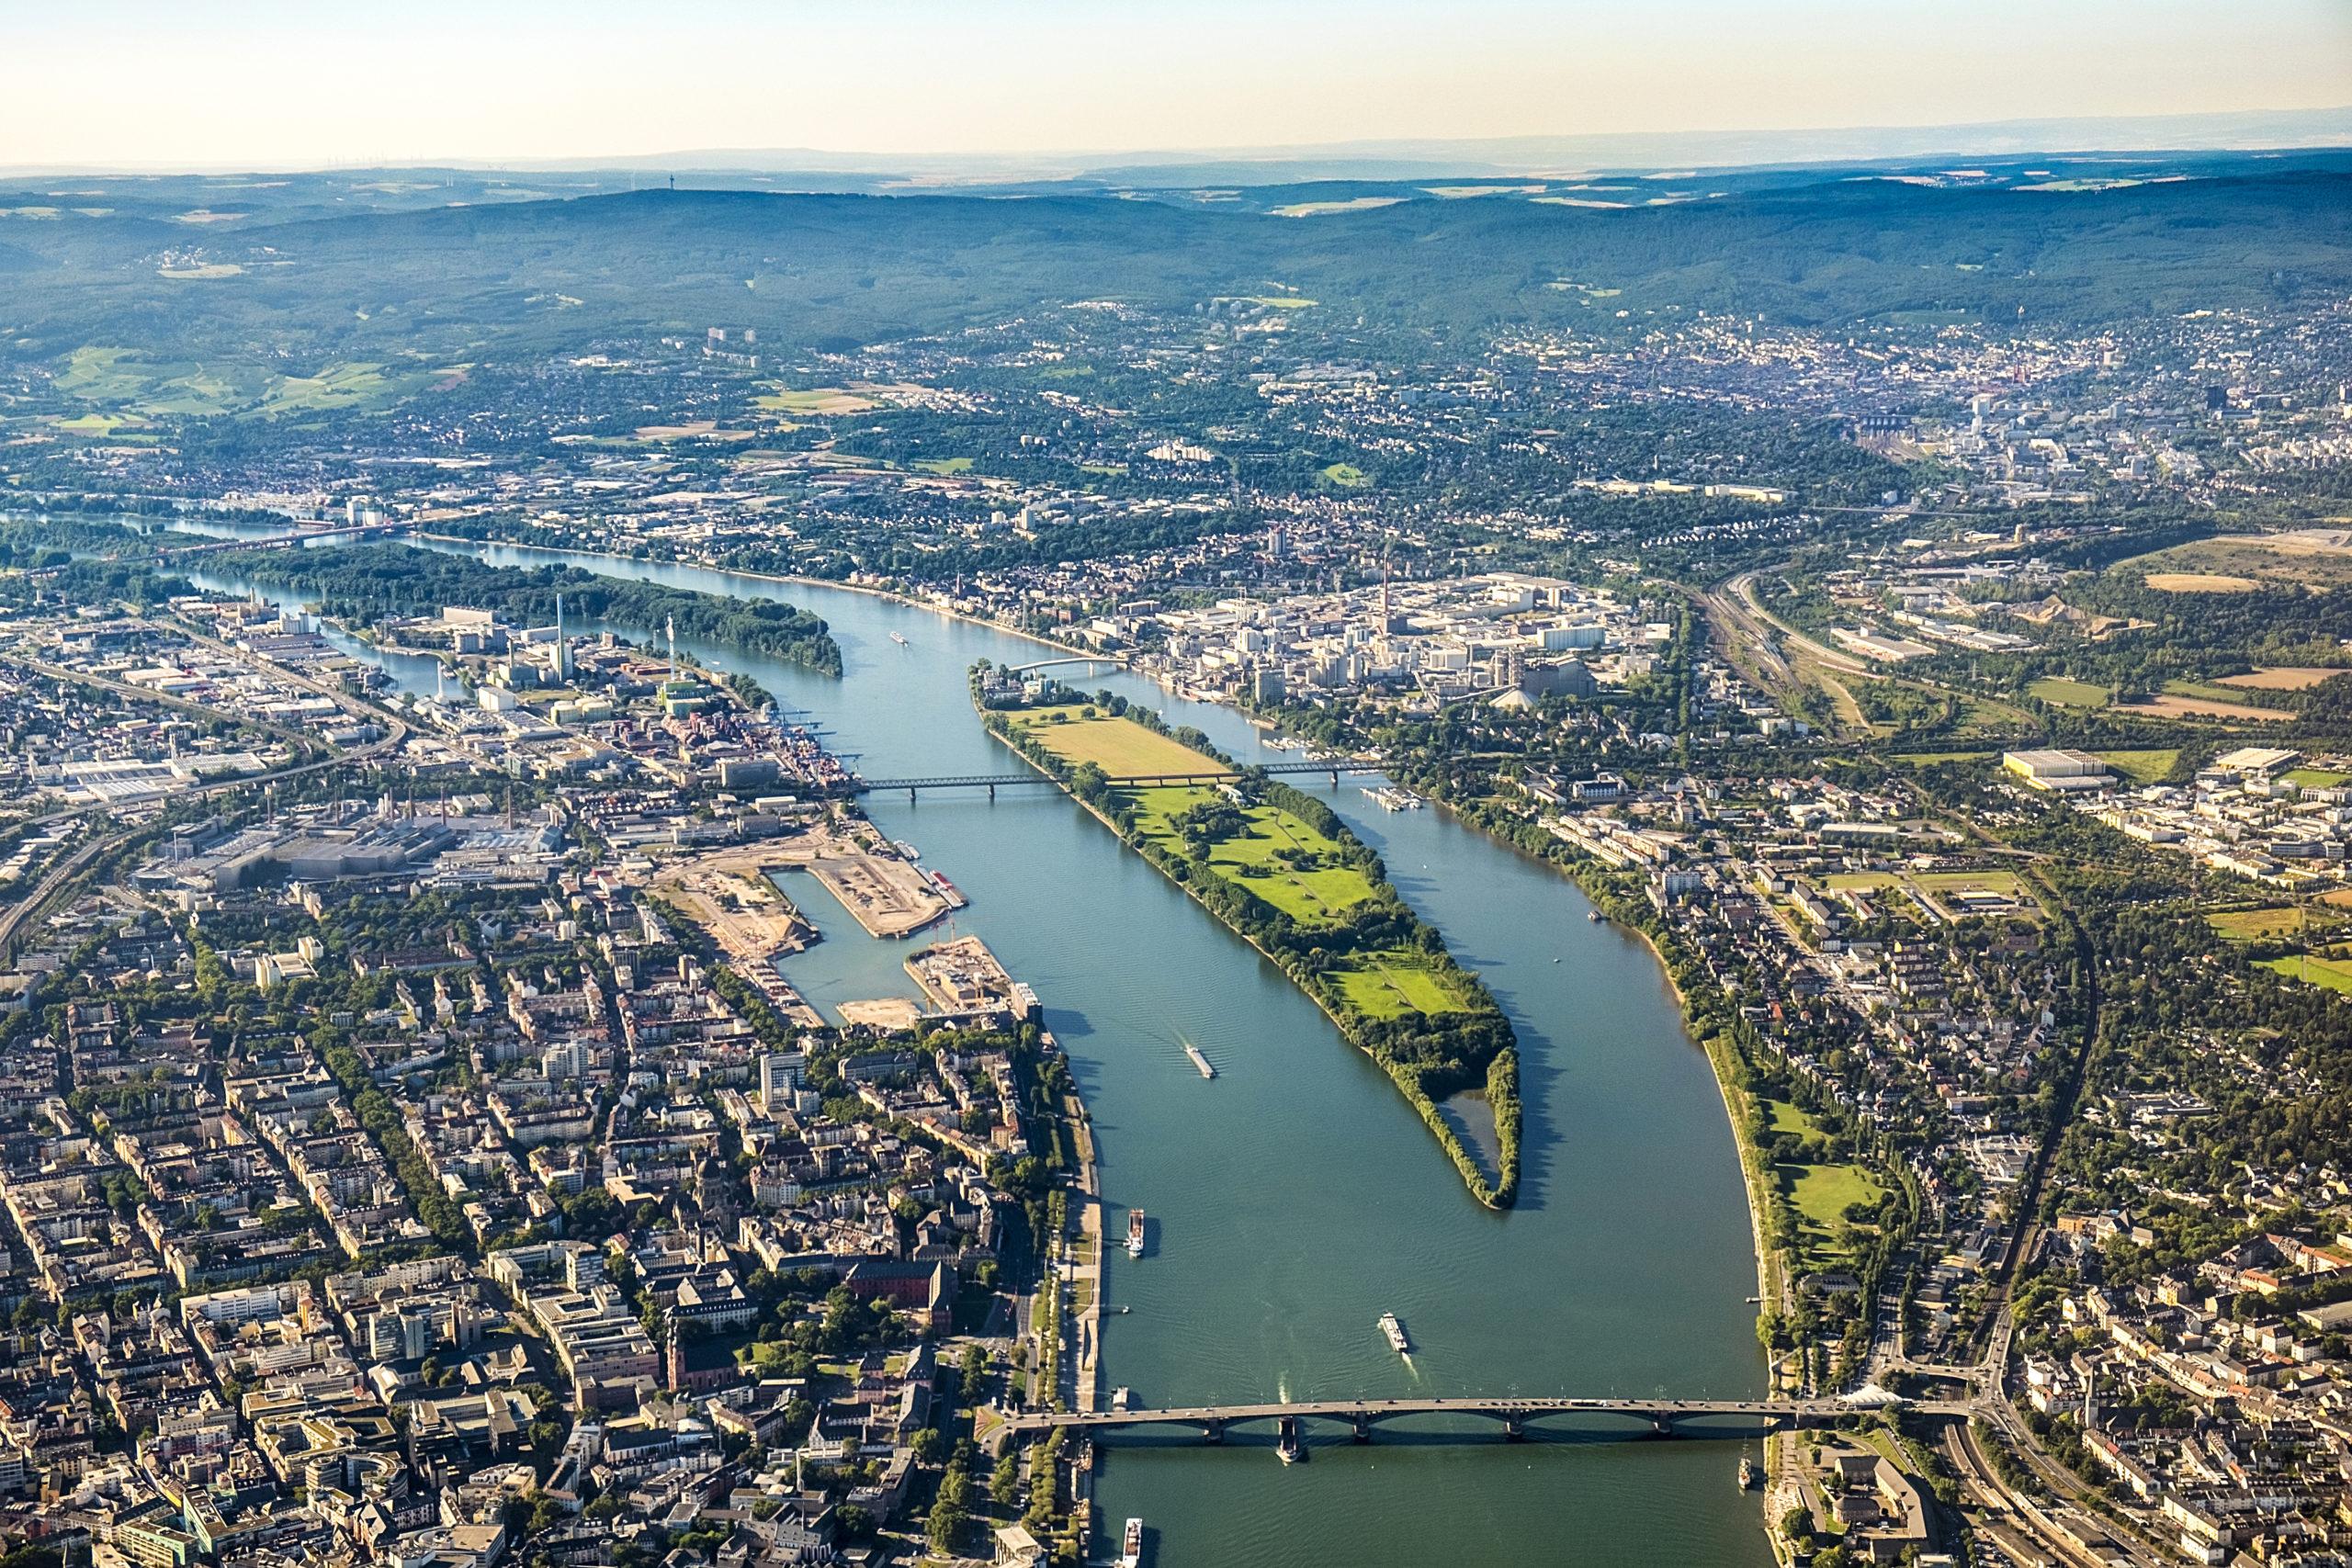 Die Heuss-Brücke am Rhein in Mainz aus Vogelperspektive